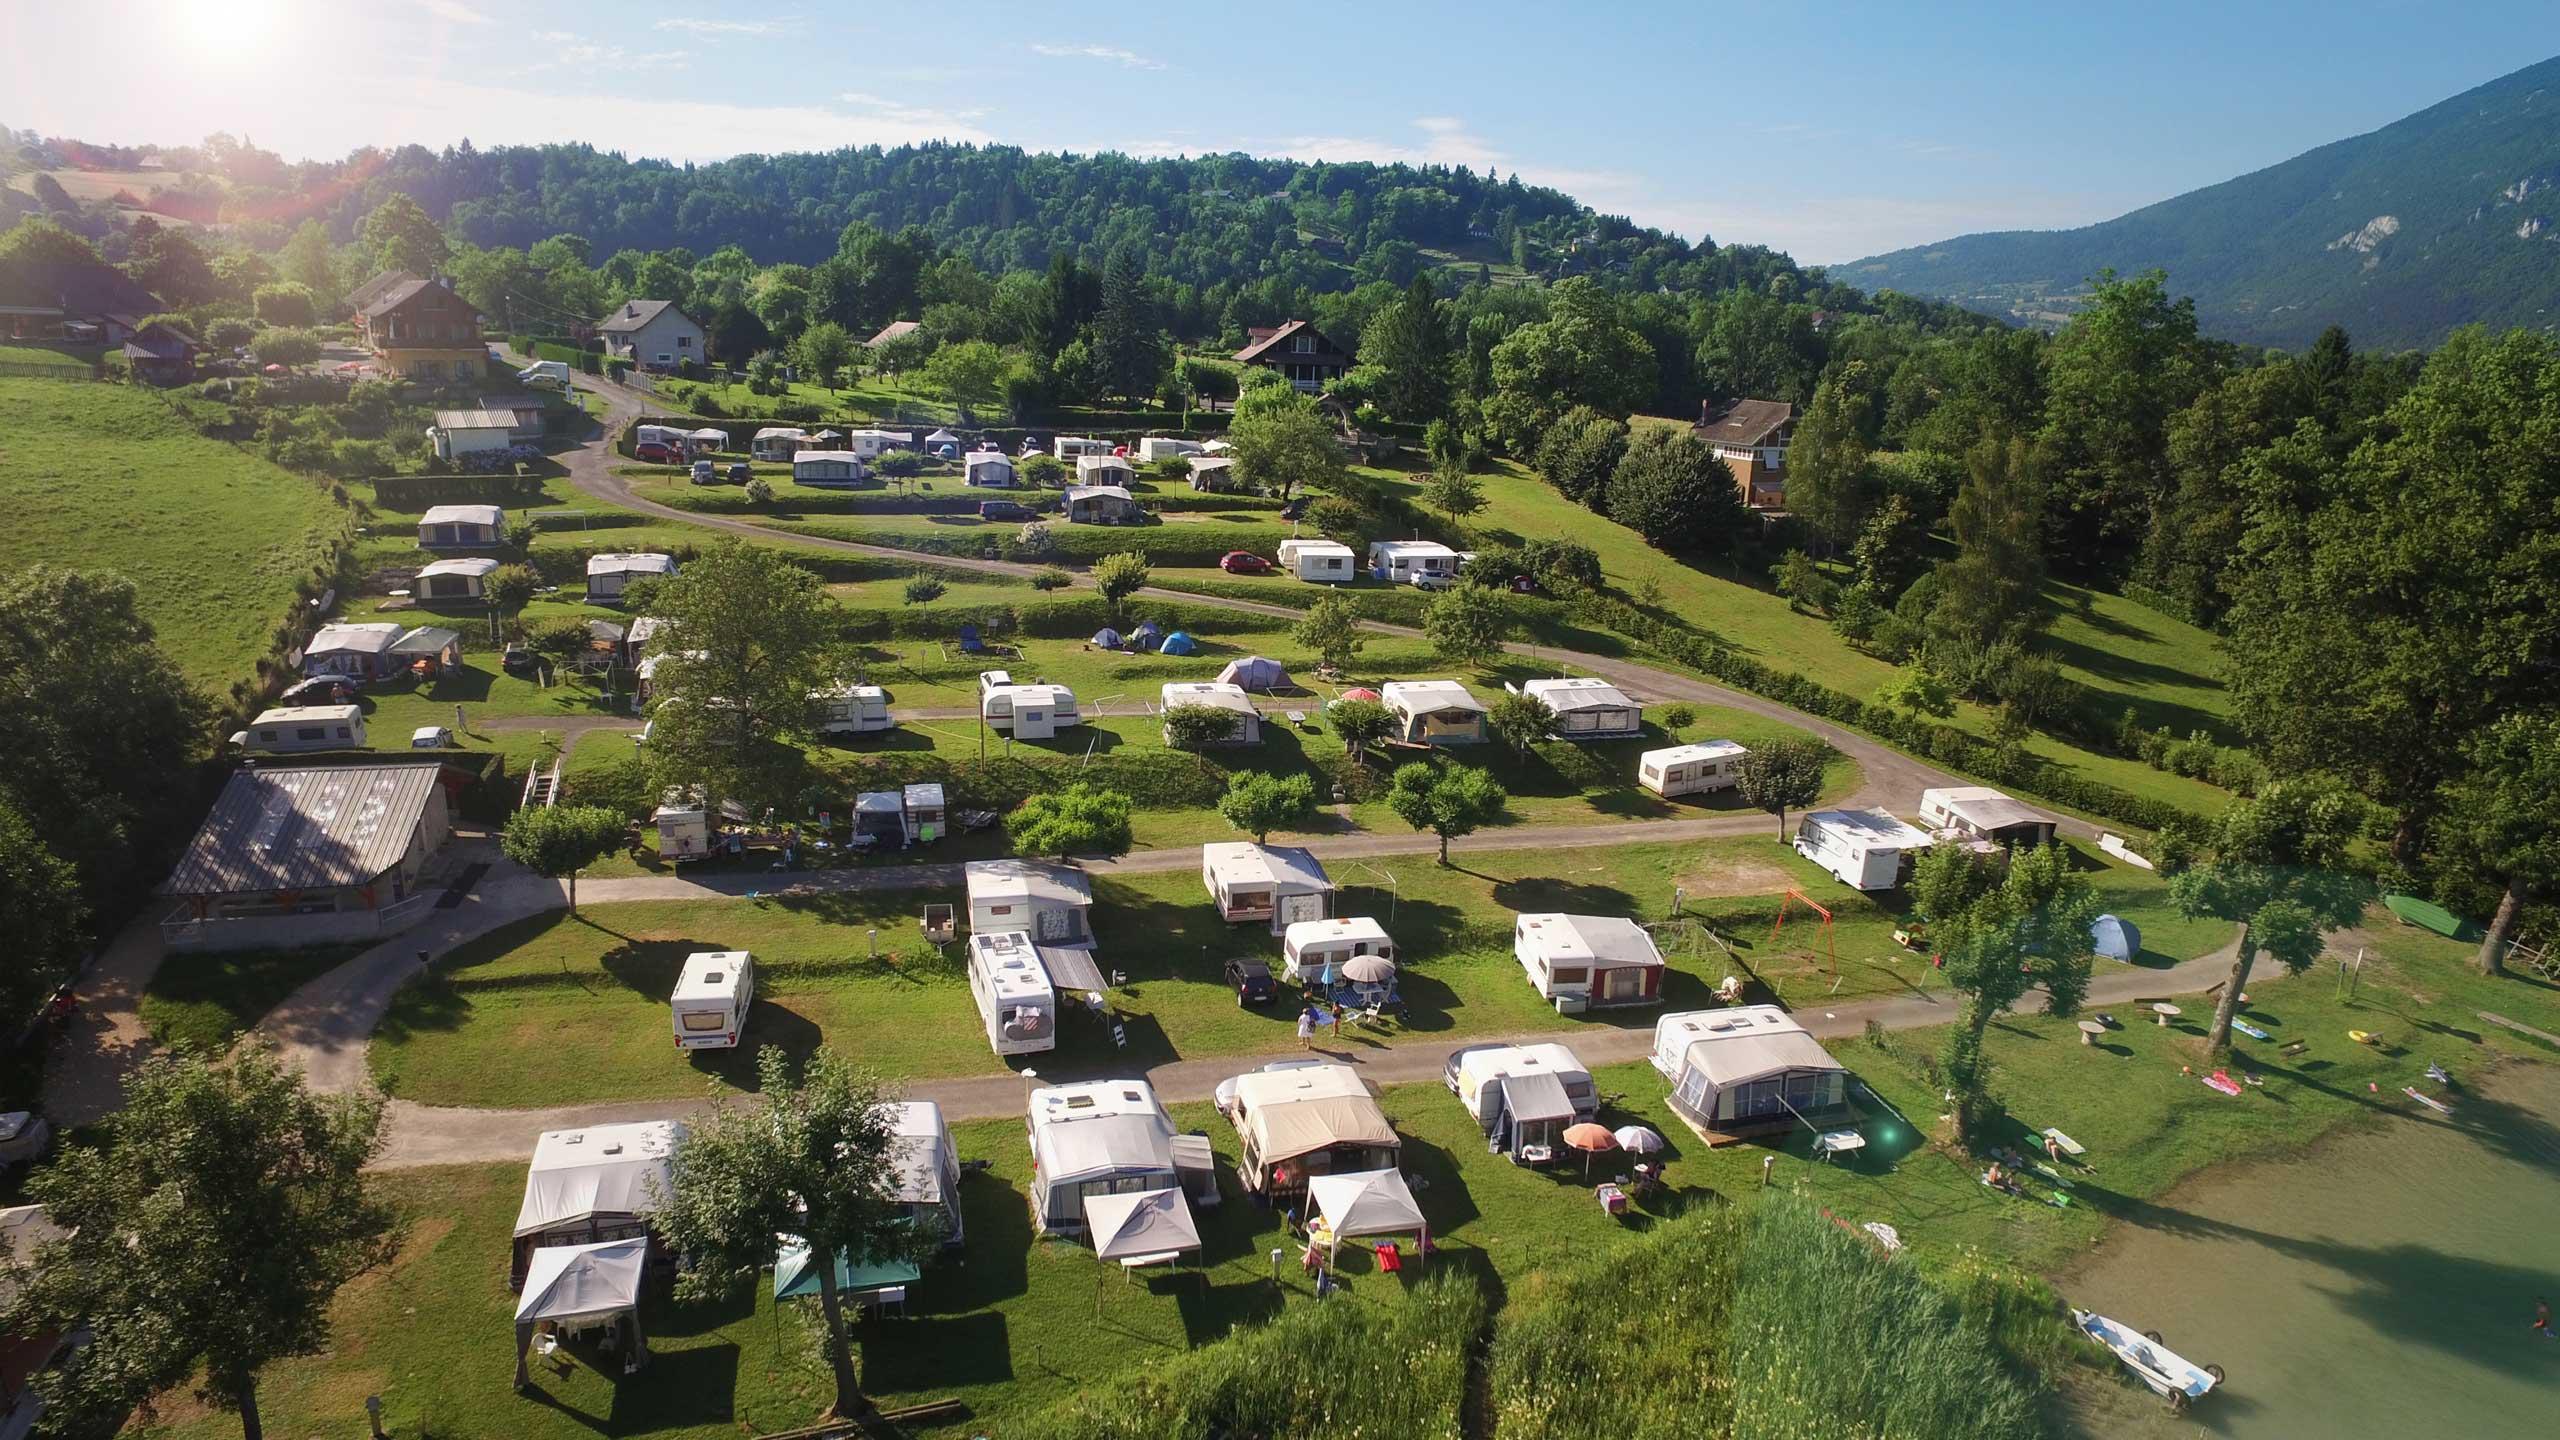 Accueil - Camping Bellevue Situé à Aiguebelette En Savoie